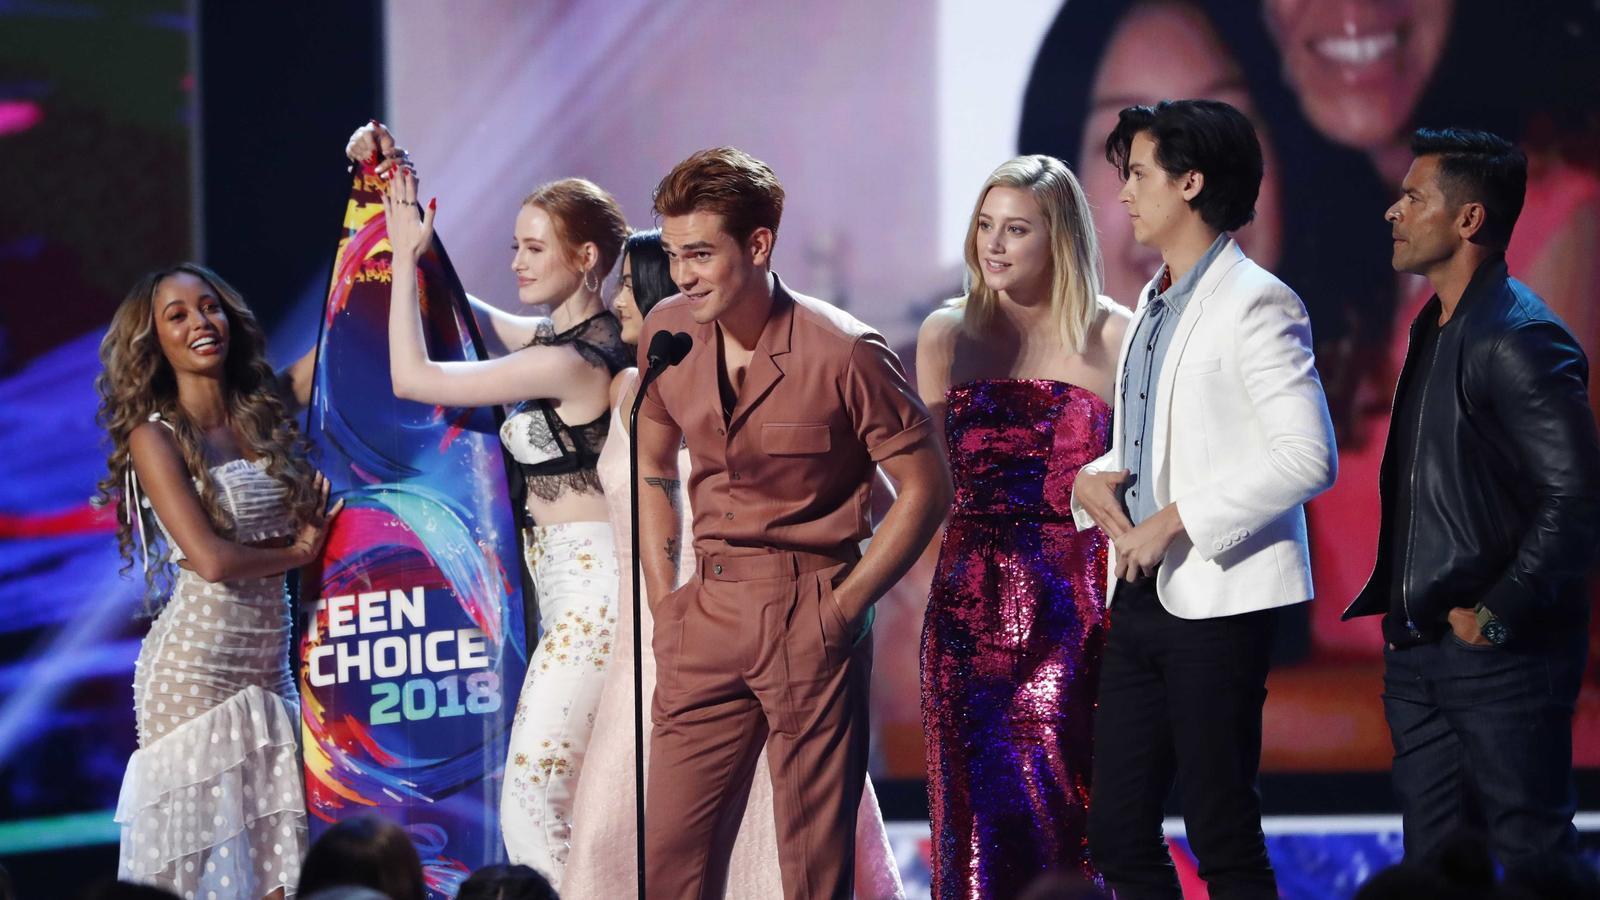 Els Teen Choice Awards coronen 'Riverdale' com la sèrie preferida dels adolescents